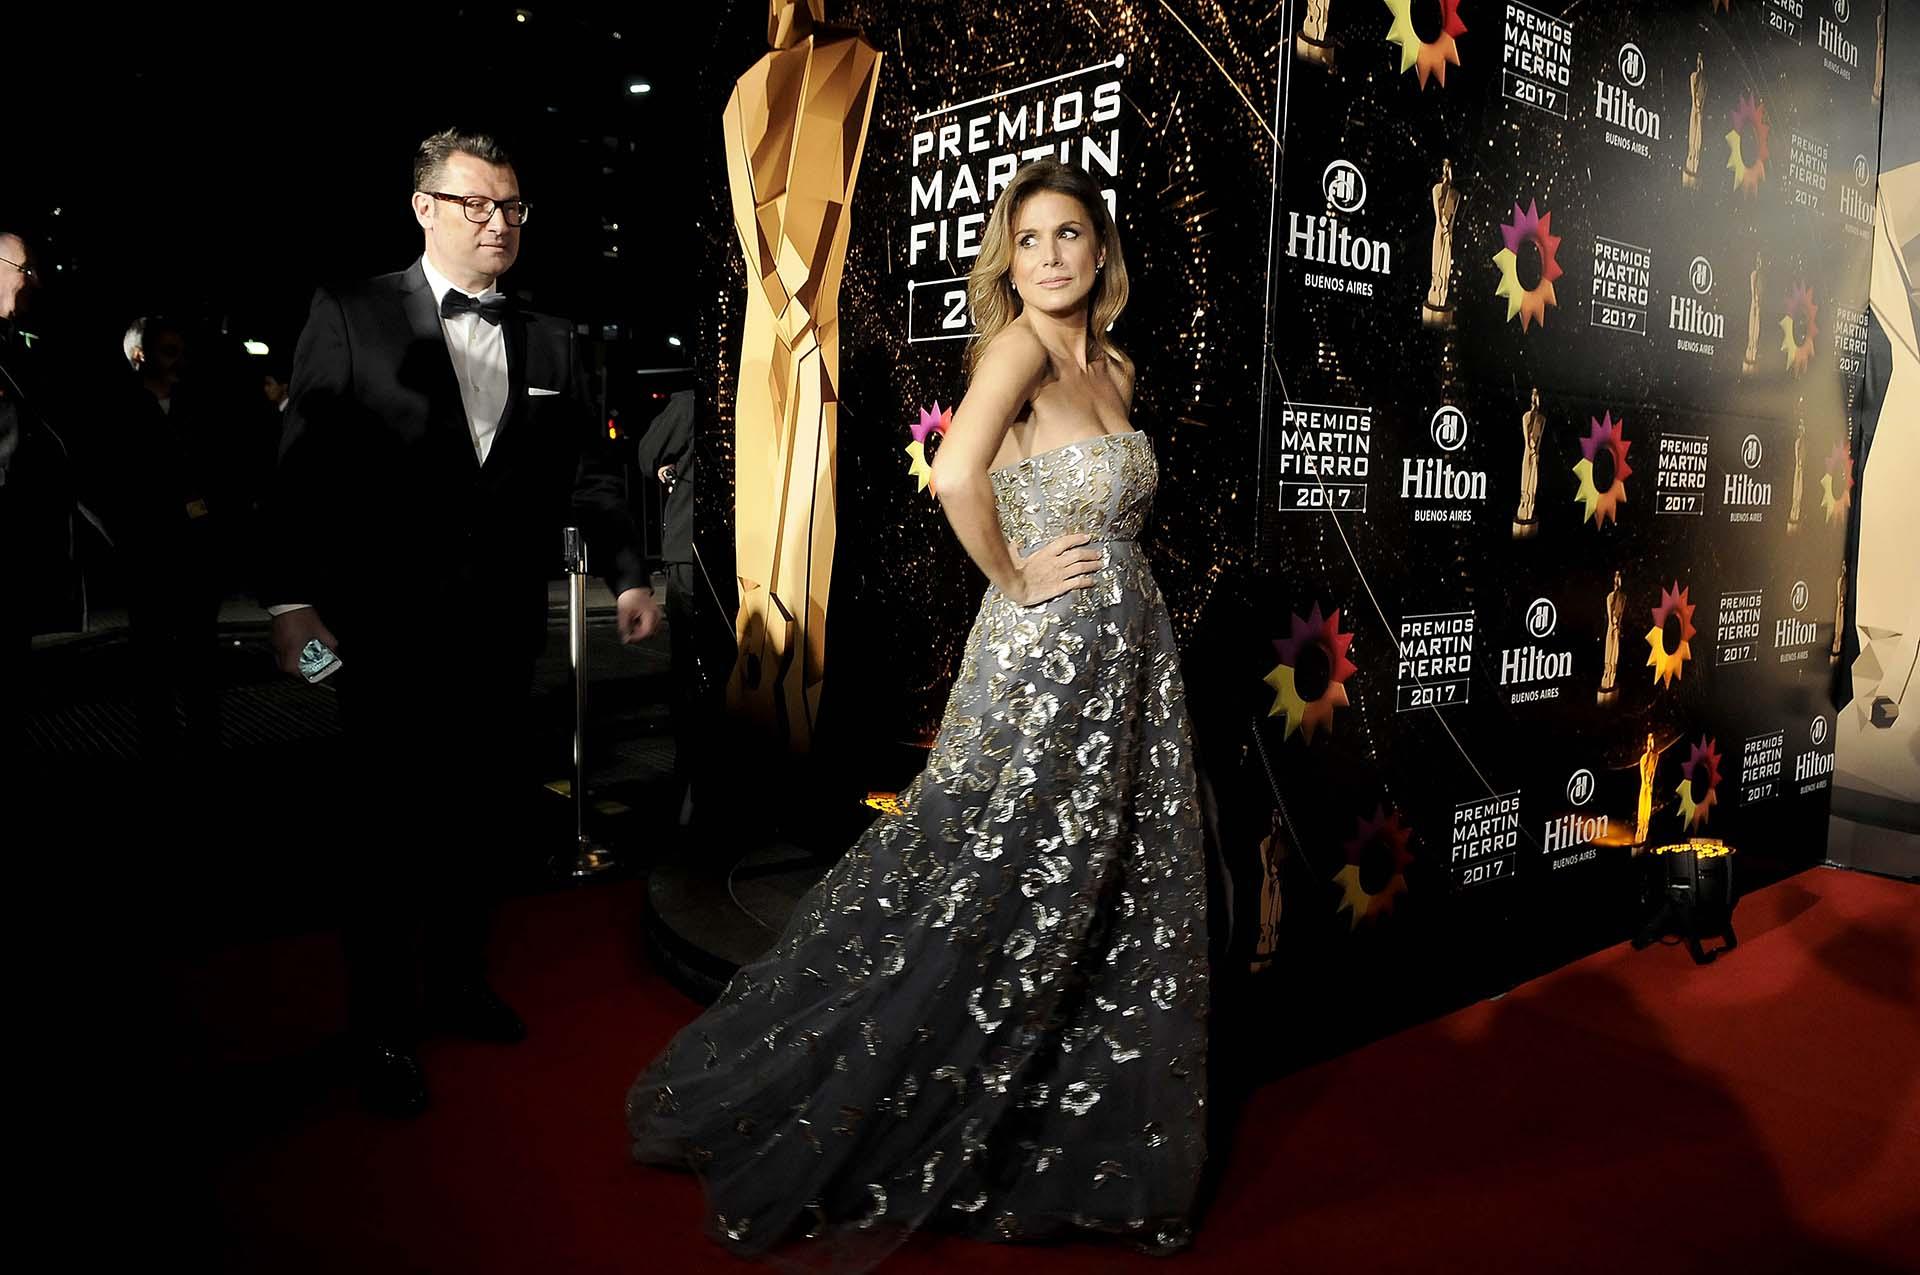 Flavia Palmiero, por Oscar de la Renta, vestido strapless gris bordado a mano, con cristales Swarosky (DyN)